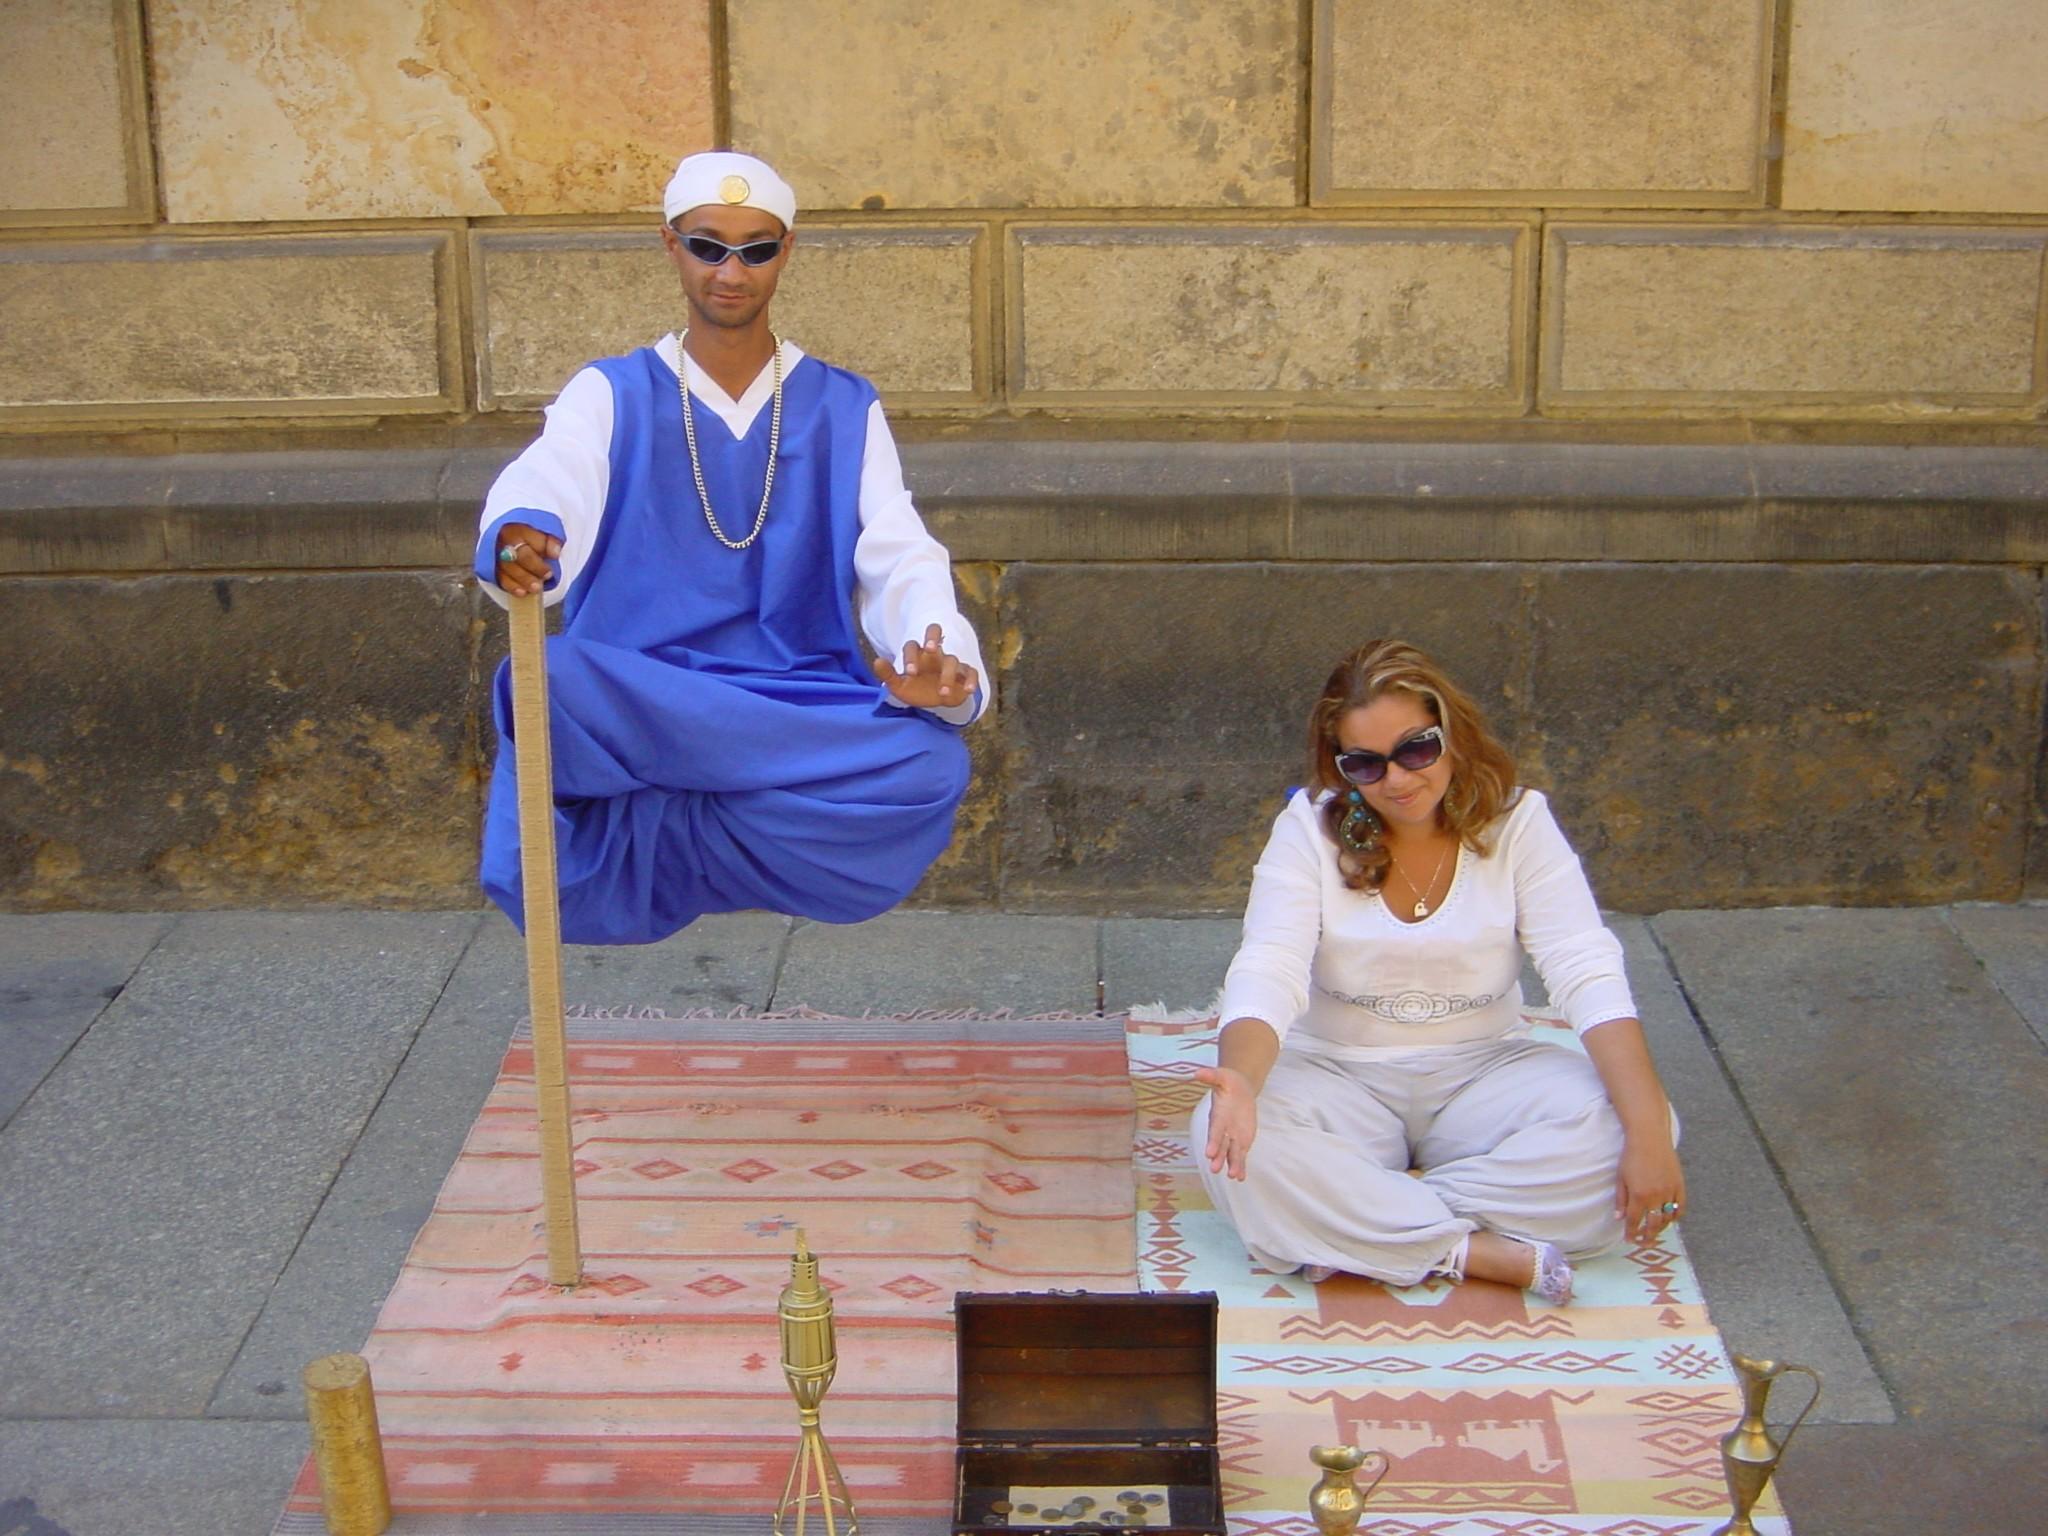 Espejismos y falsedades en esoterismo